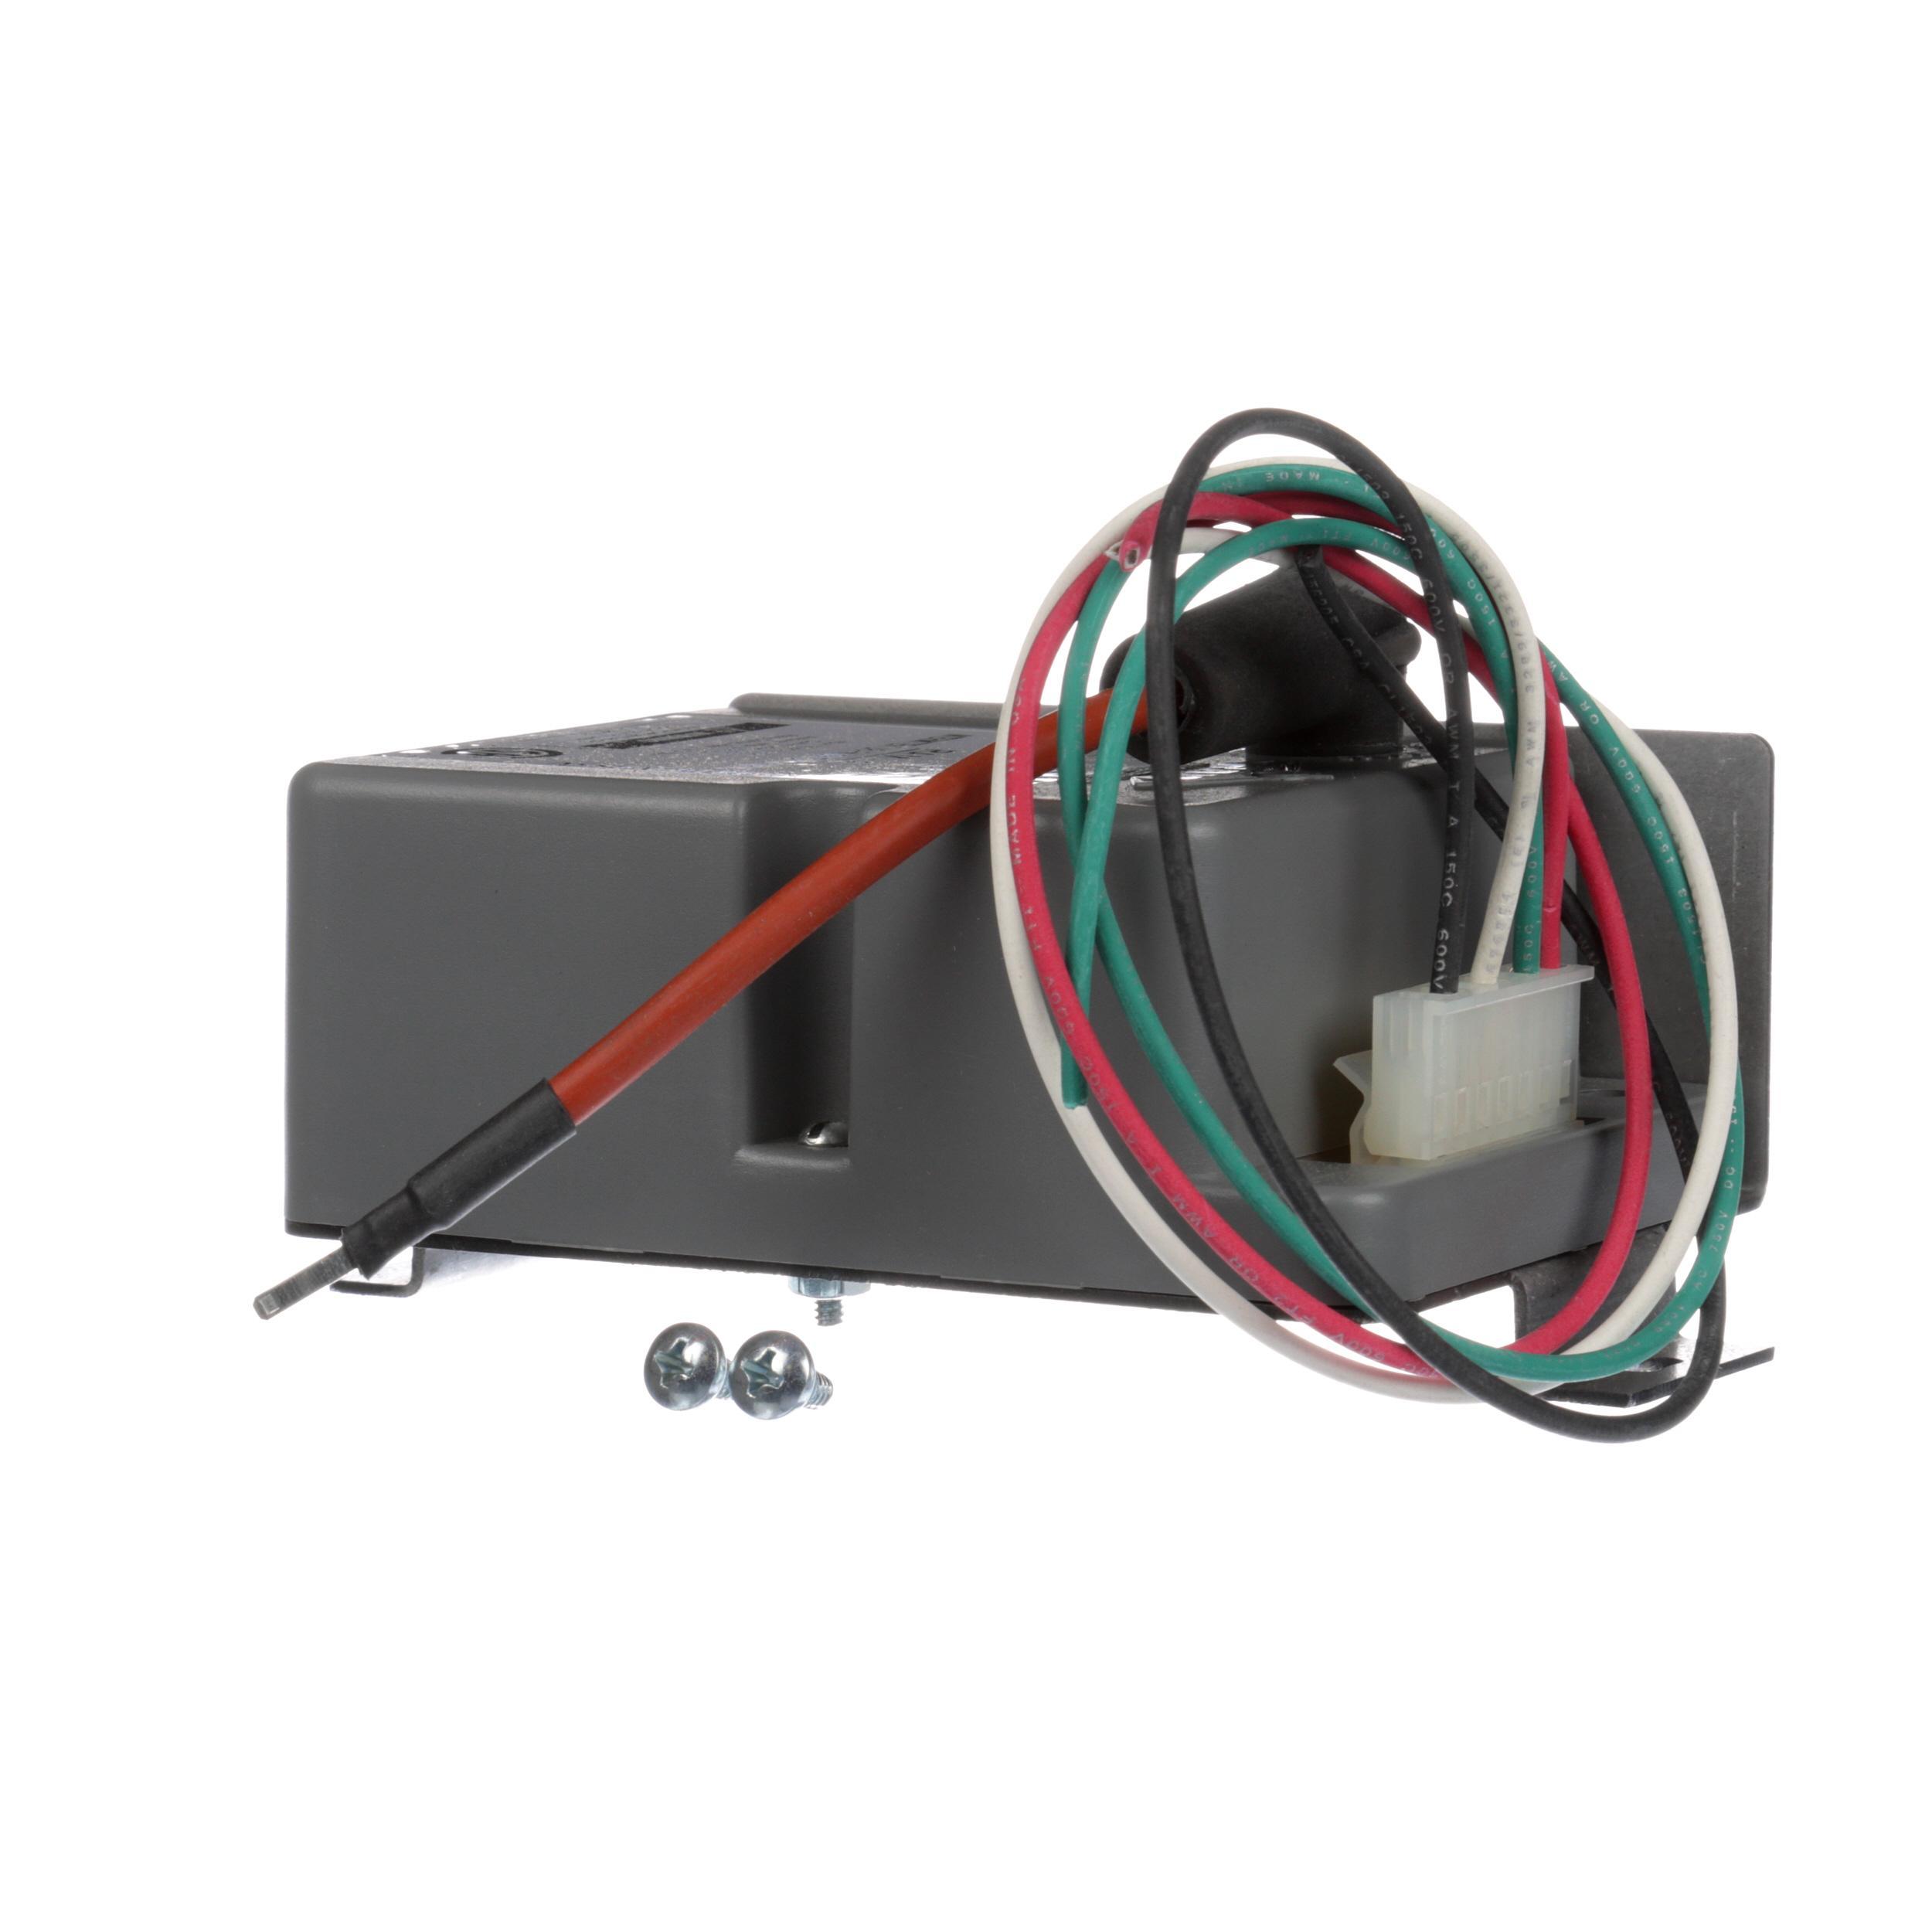 Rankin Delux Retrofit Kit 1 Ram 4 Module 2 Mounting Bracket W Molex Wiring Harness